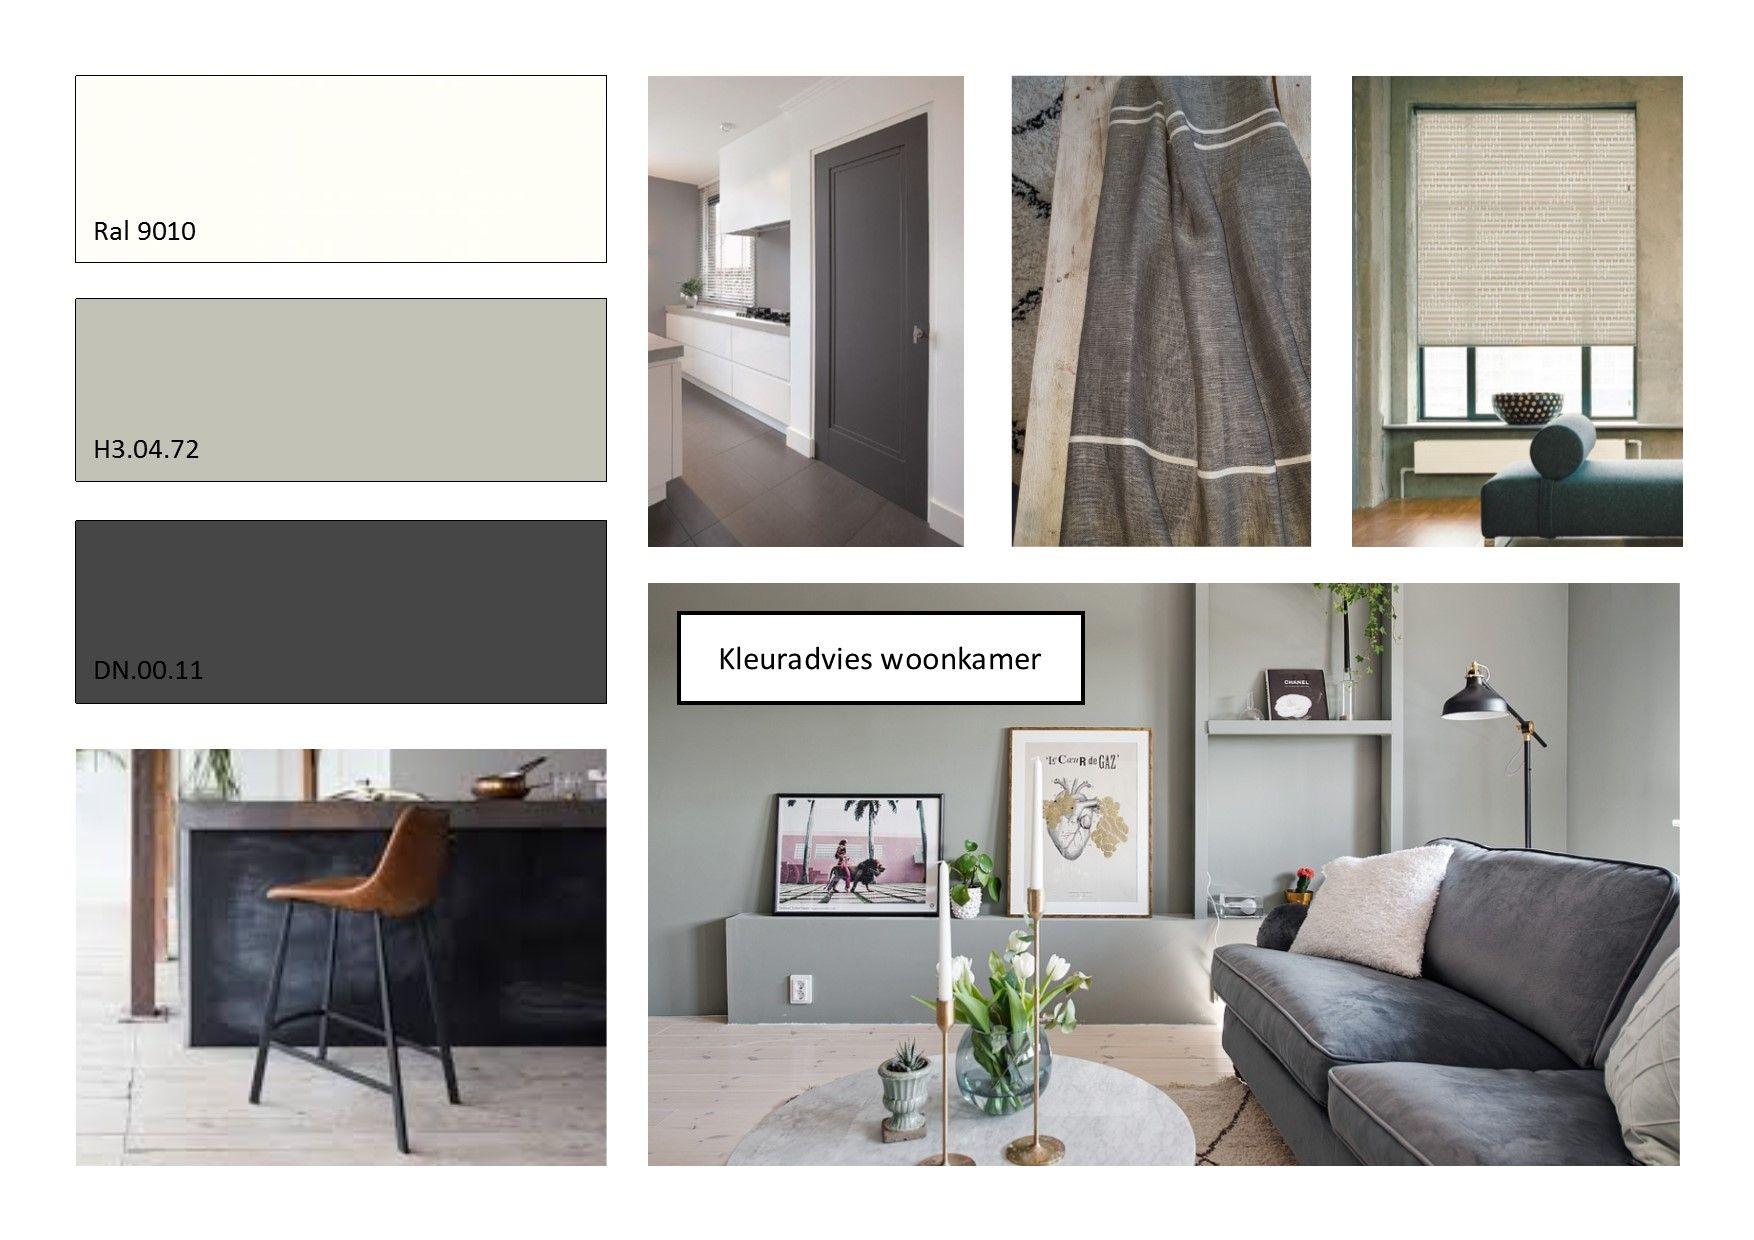 kleuradvies woonkamer antraciet grijs groen, ofwhite. | Kleuren ...